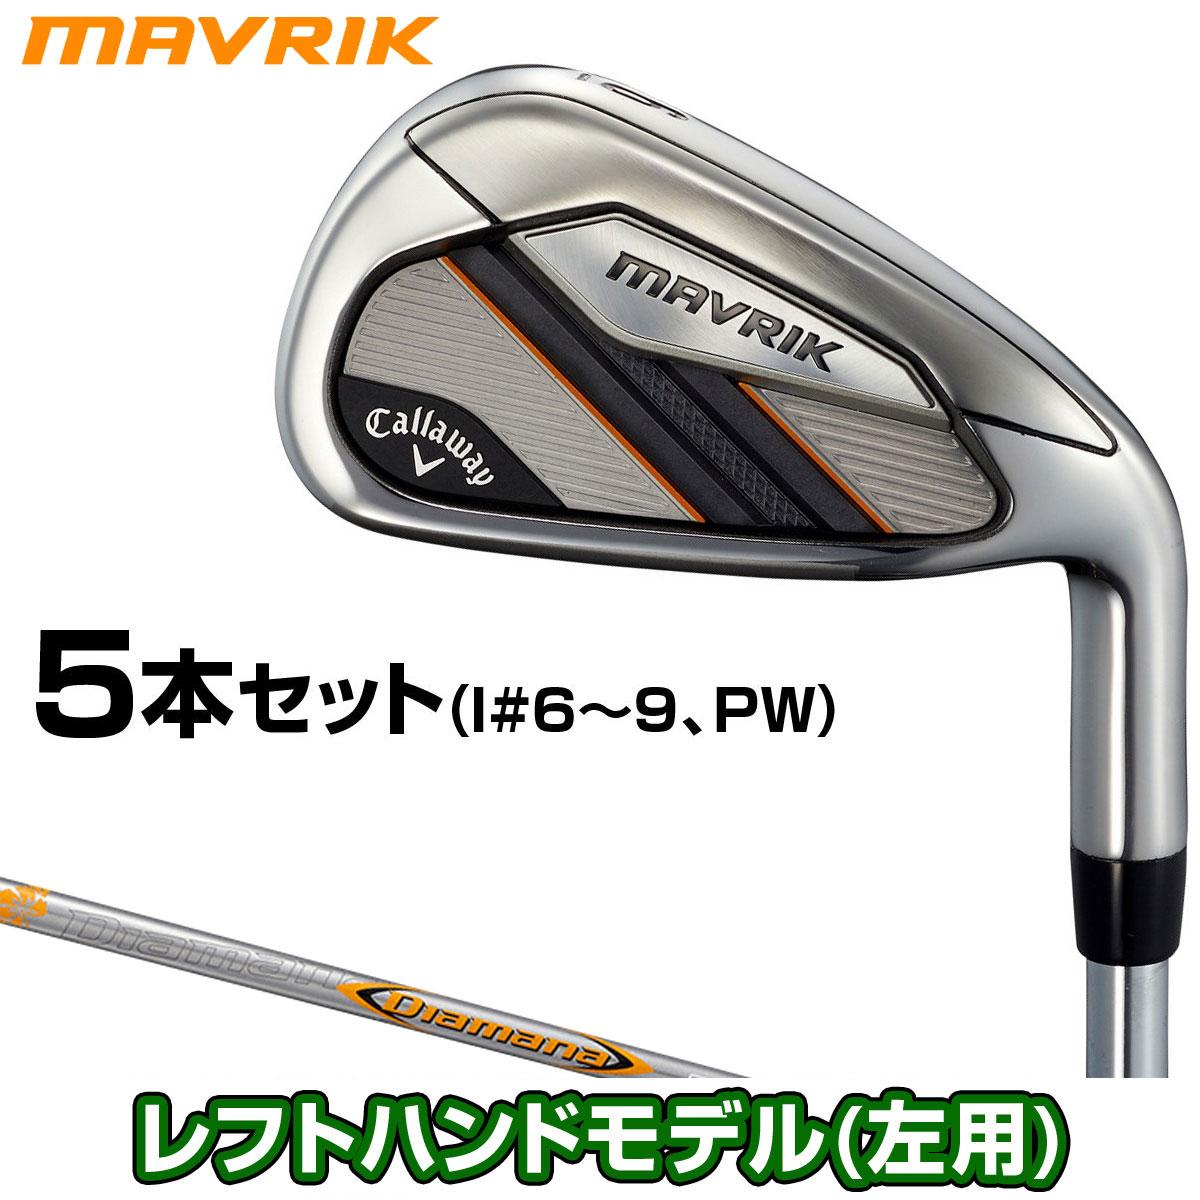 Callaway(キャロウェイ)日本正規品 MAVRIK(マーベリック)アイアン 2020新製品 Diamana 50 for Callawayカーボンシャフト 5本セット(I#6~9、PW) 「レフトハンドモデル(左用)」 【あす楽対応】